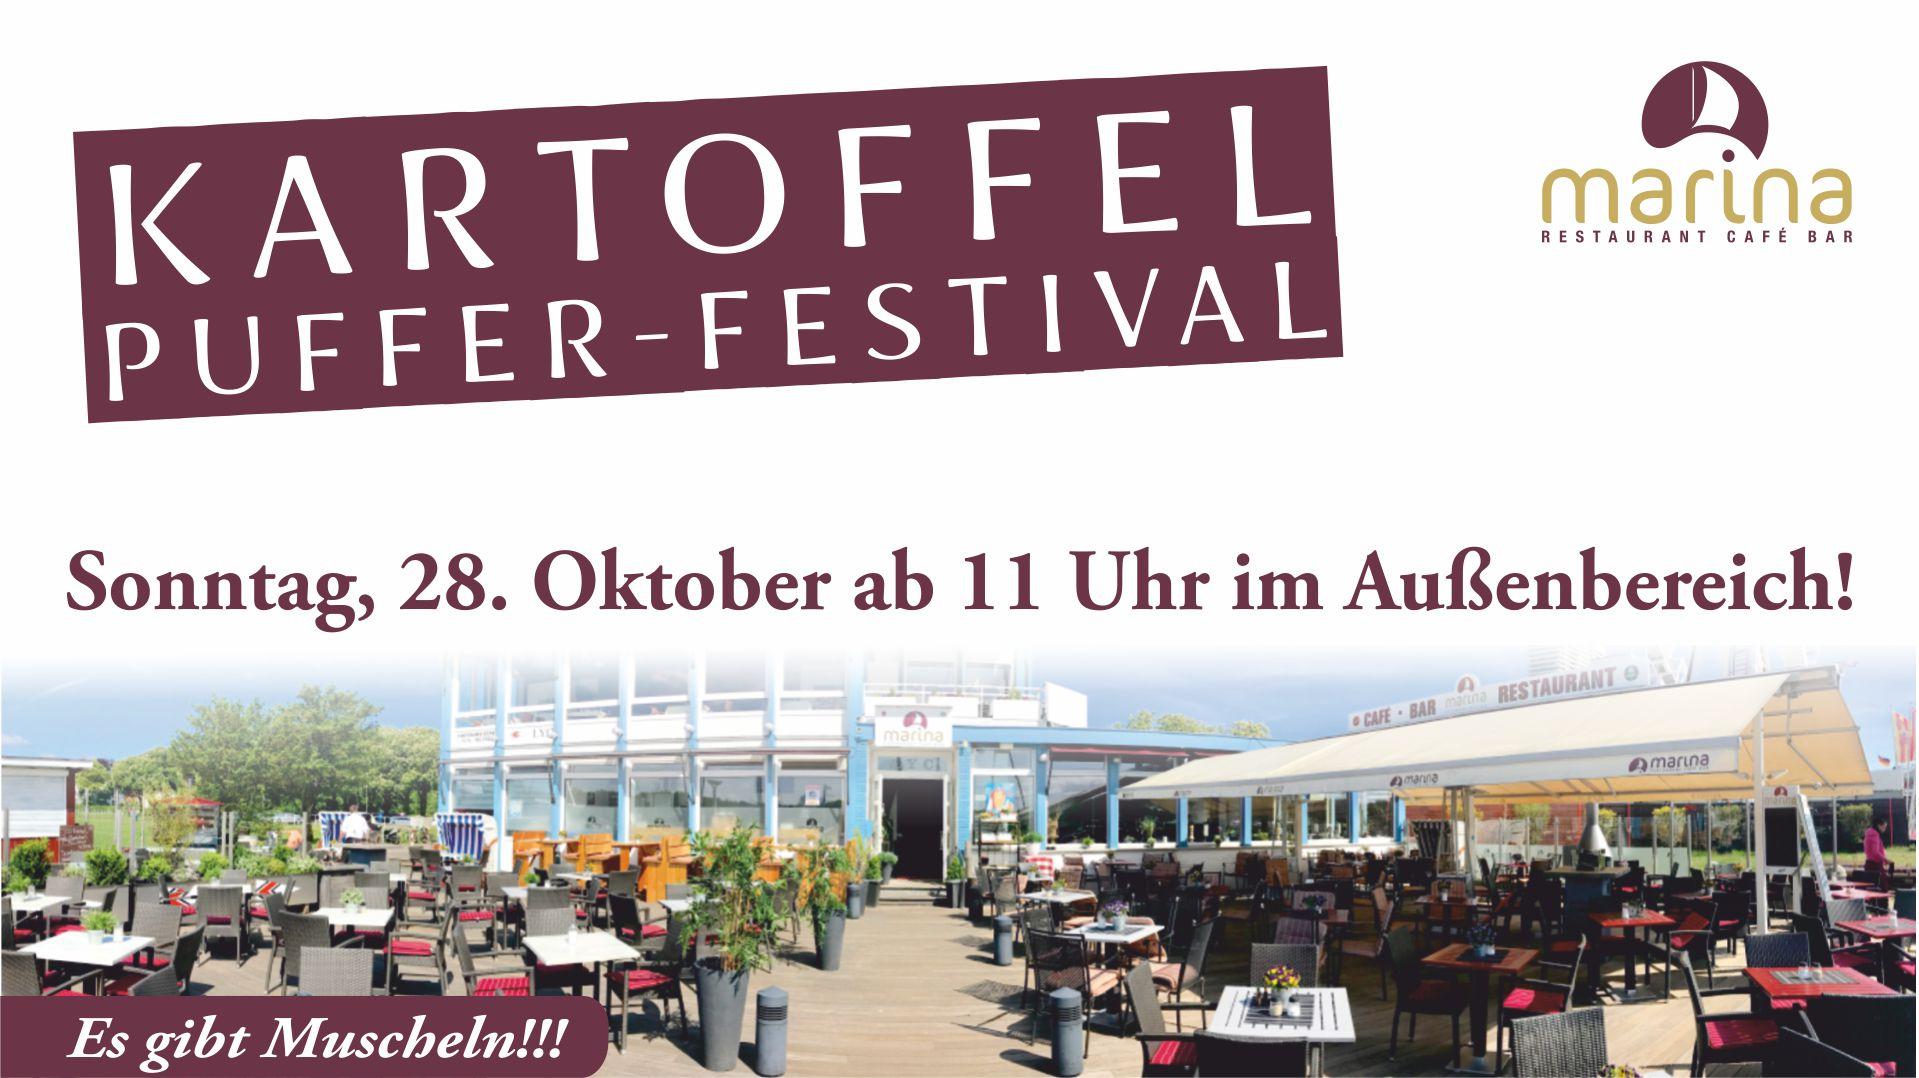 Kartoffelpuffer-Festival am 28. Oktober ab 11 Uhr!